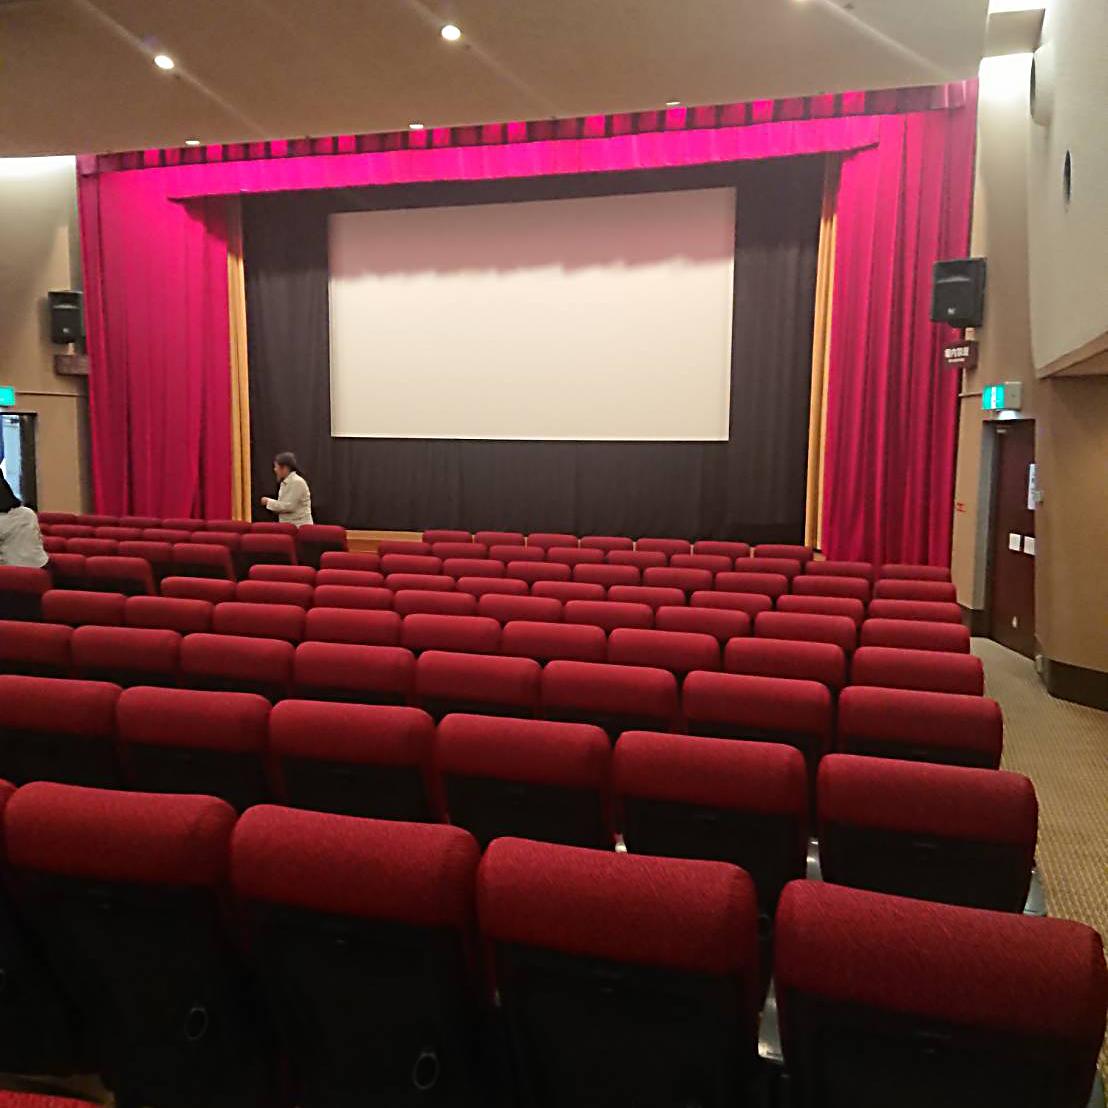 こういう映画館、確かに少なくなったね。